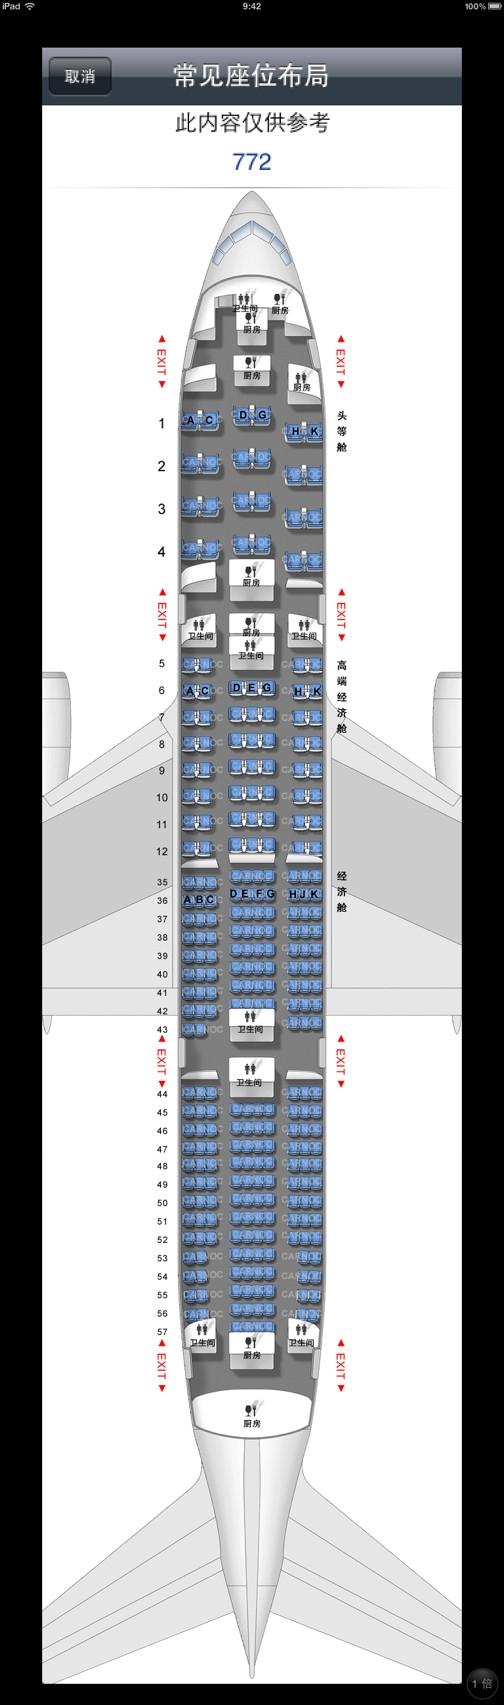 南航a380今日首次执飞广州——洛杉矶航班图片